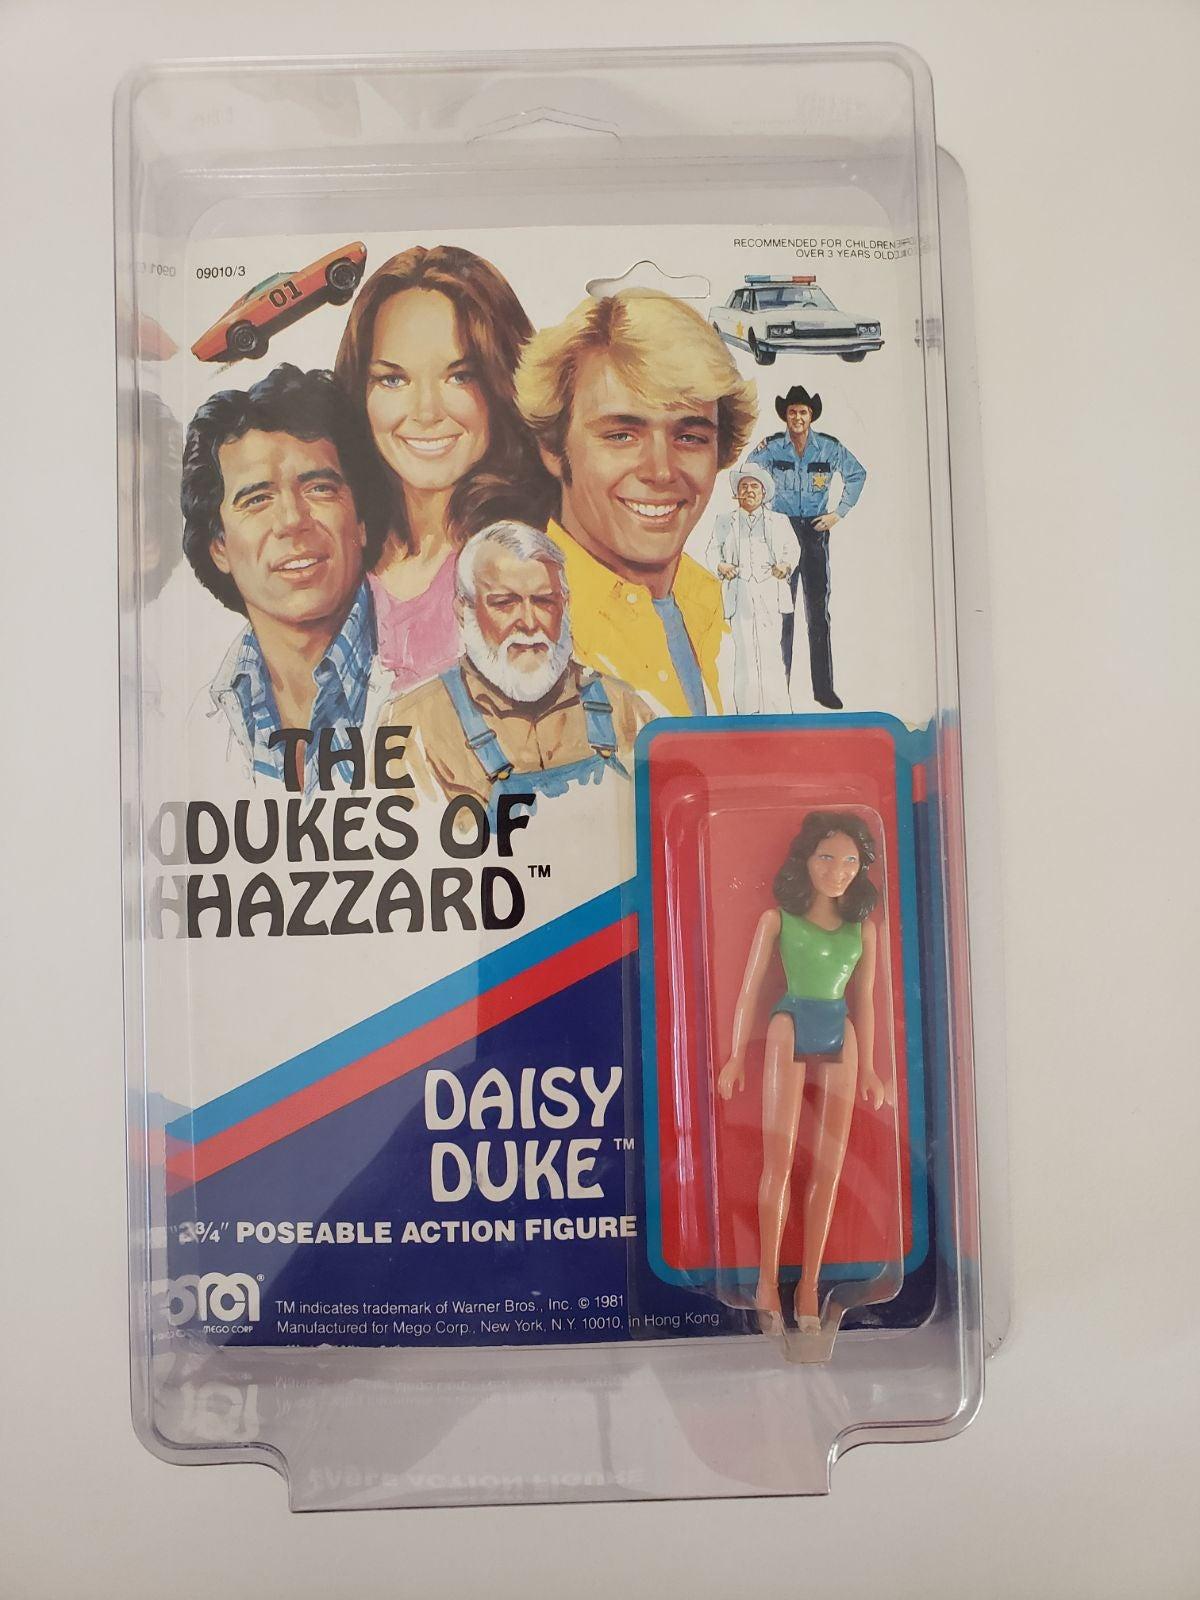 Dukes of Hazard - Daisy Duke